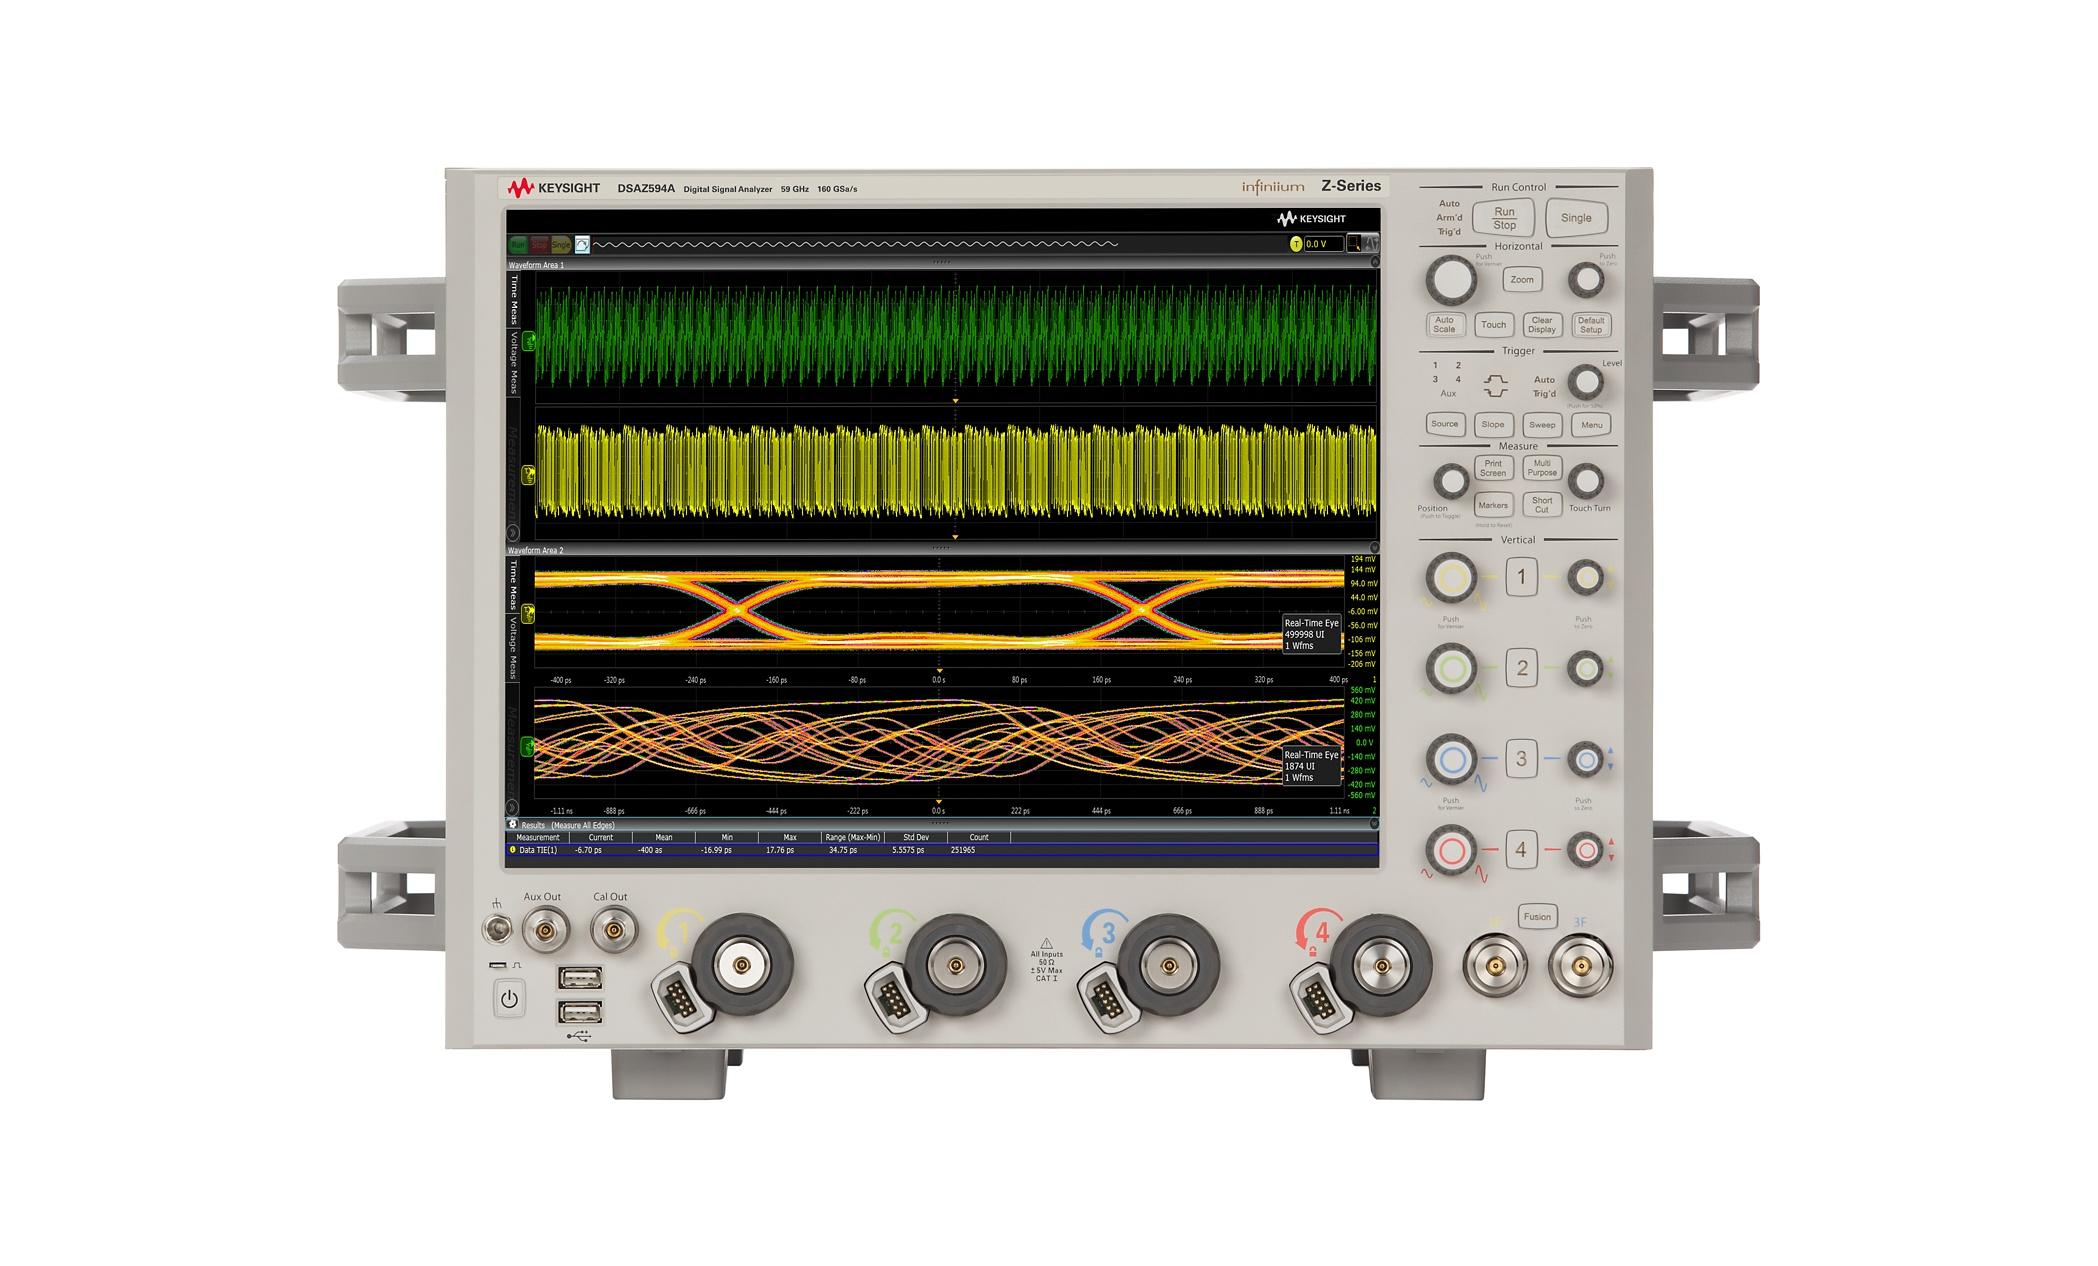 DSOZ594 Infiniium Osiloskop: 59 GHz